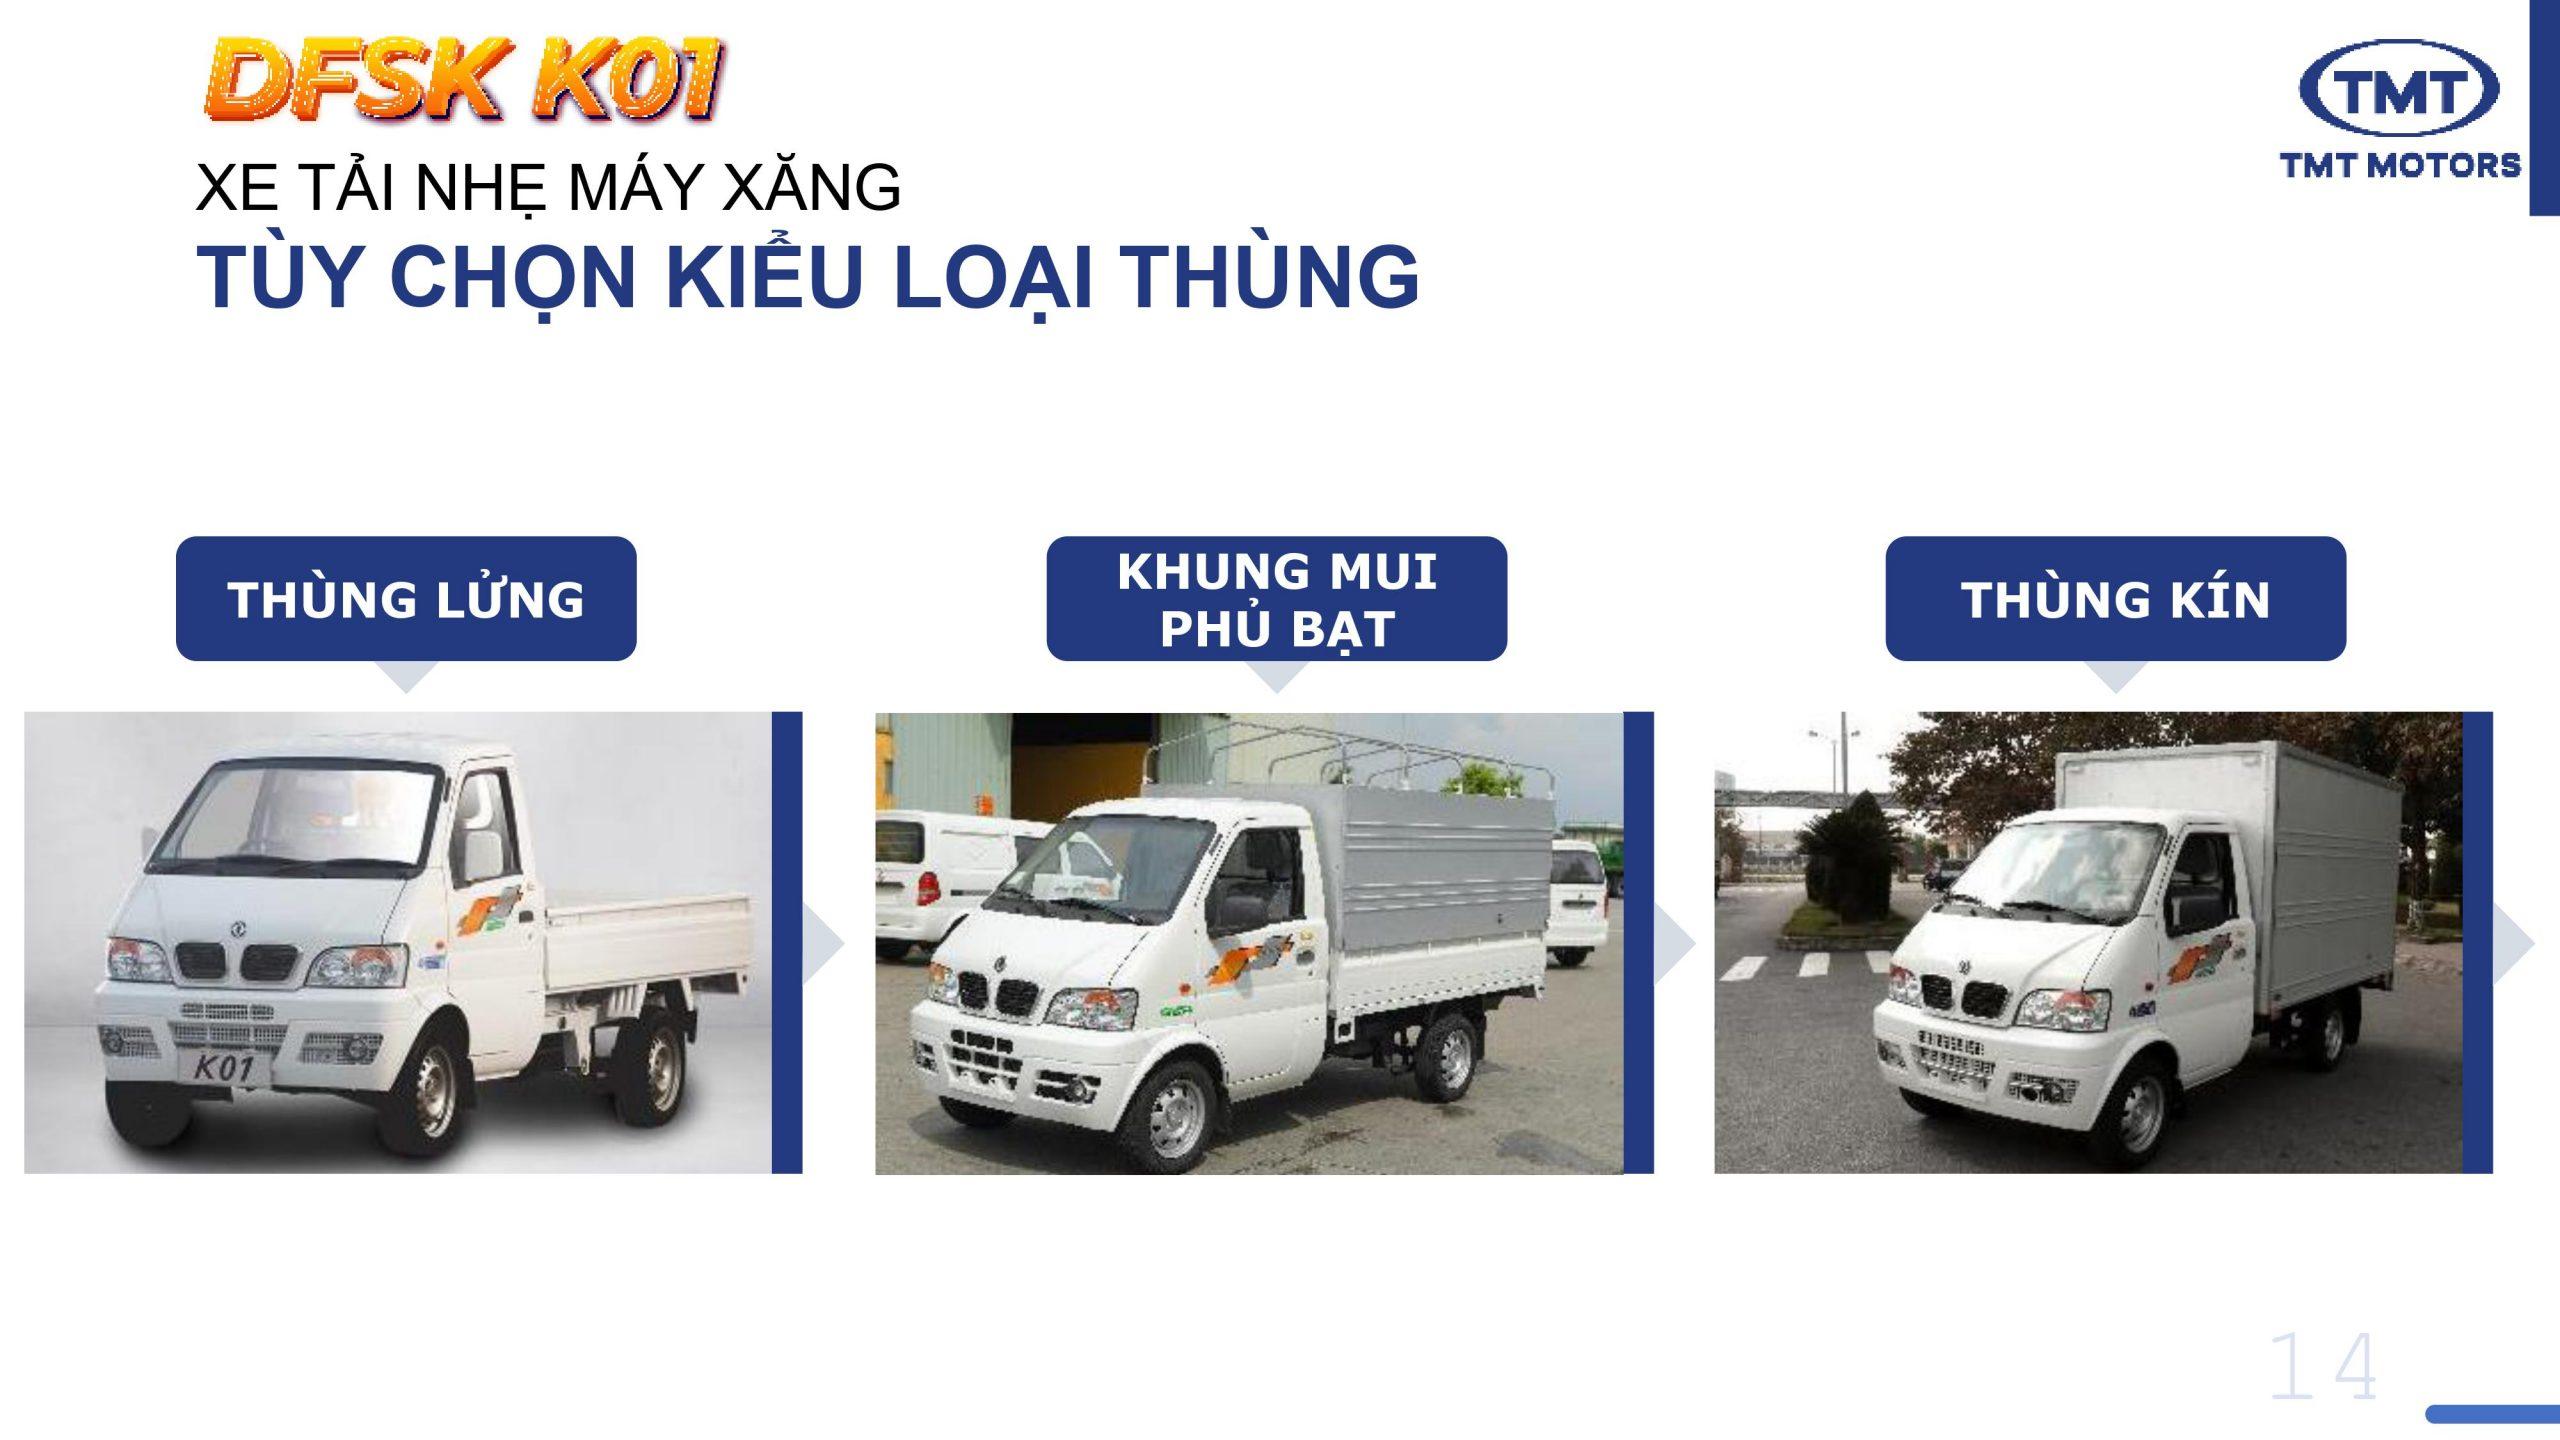 Xe Tải TMT K01 có 3 kiểu thiết kế thùng